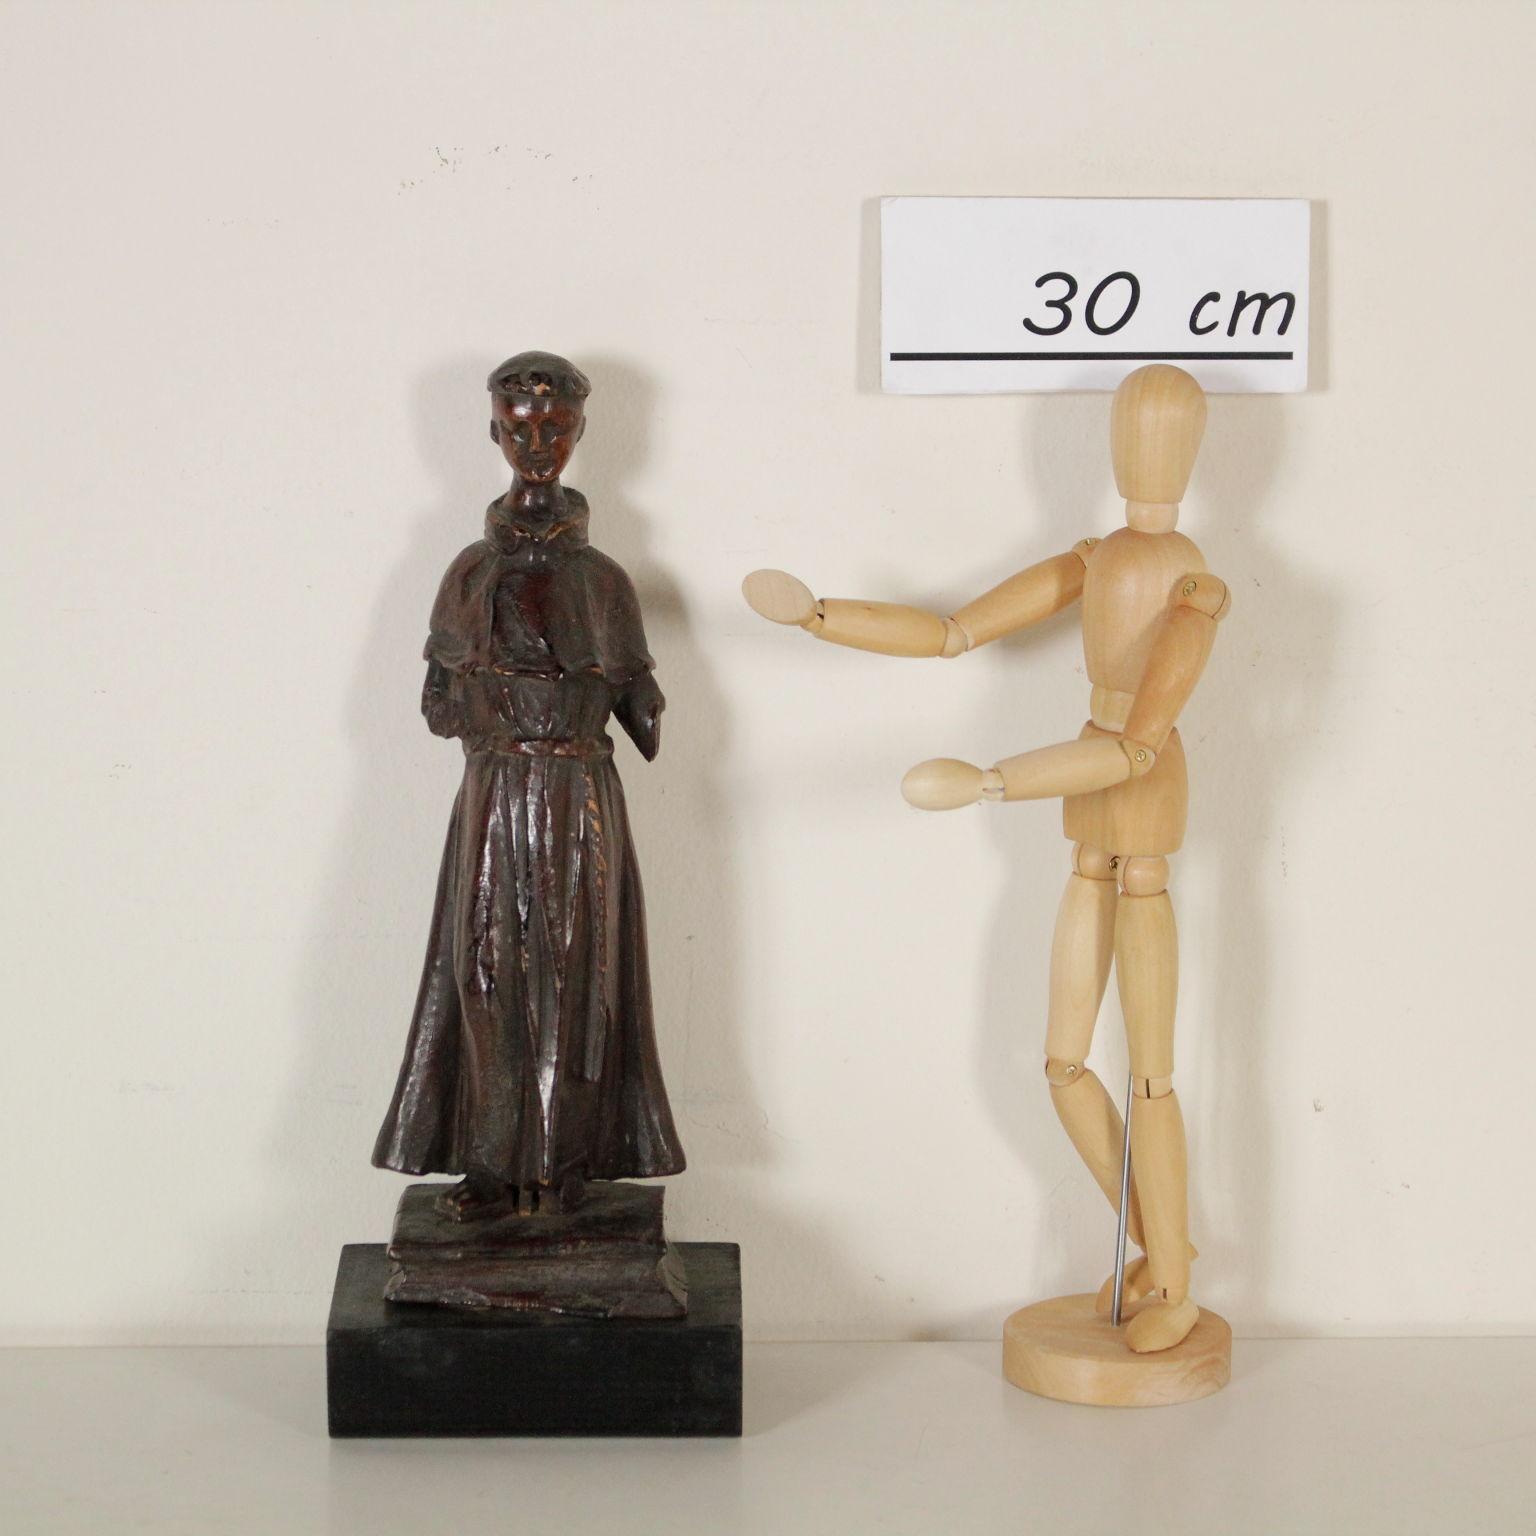 Statue - Wohnkultur - Antiquitäten - dimanoinmano.it